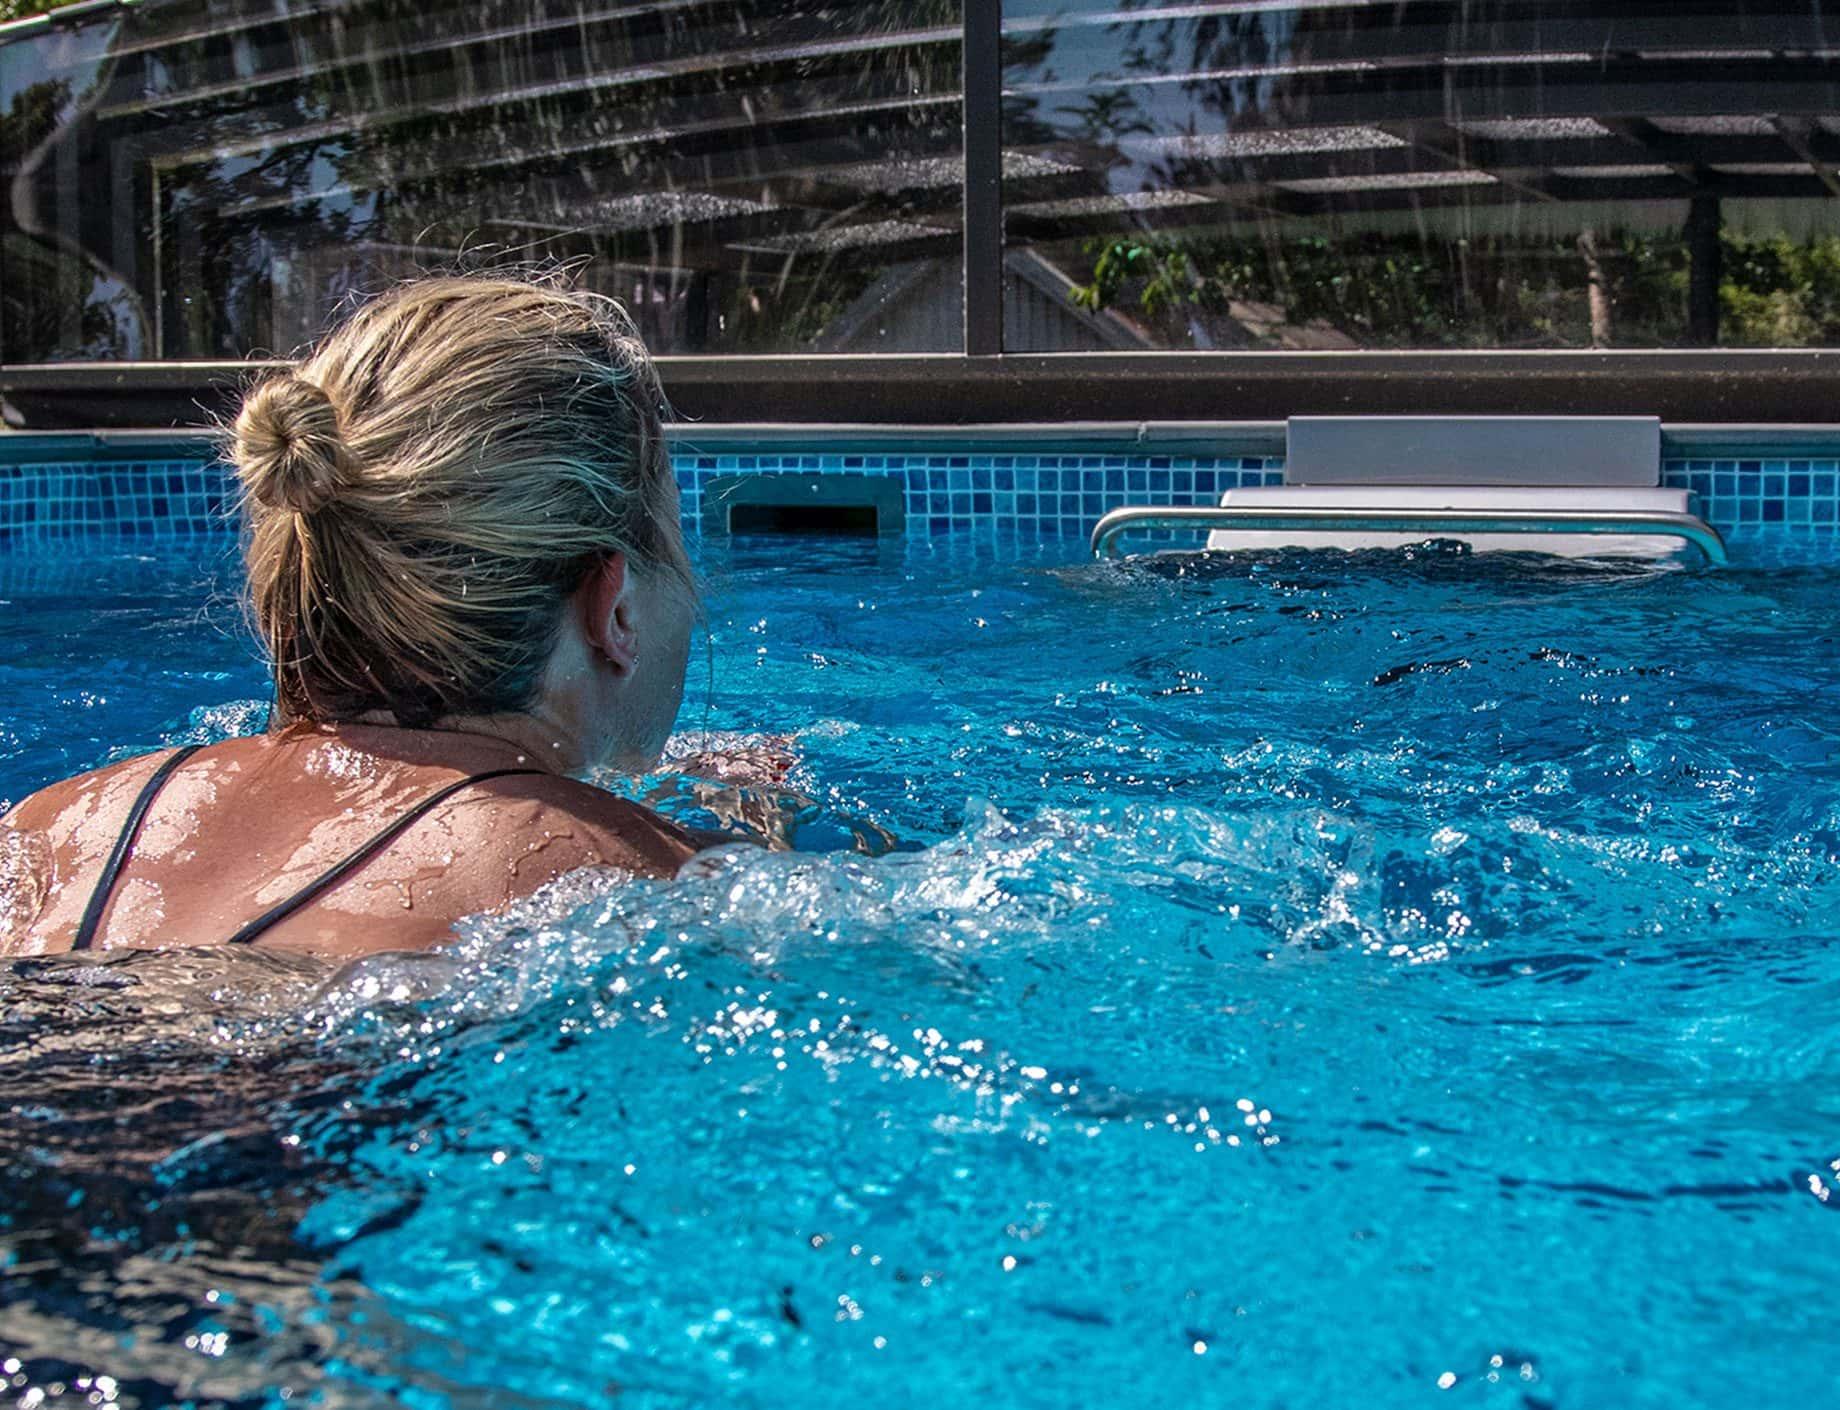 Aqua Fitness, simmaskin, kvinna simmar i pool, Pool store